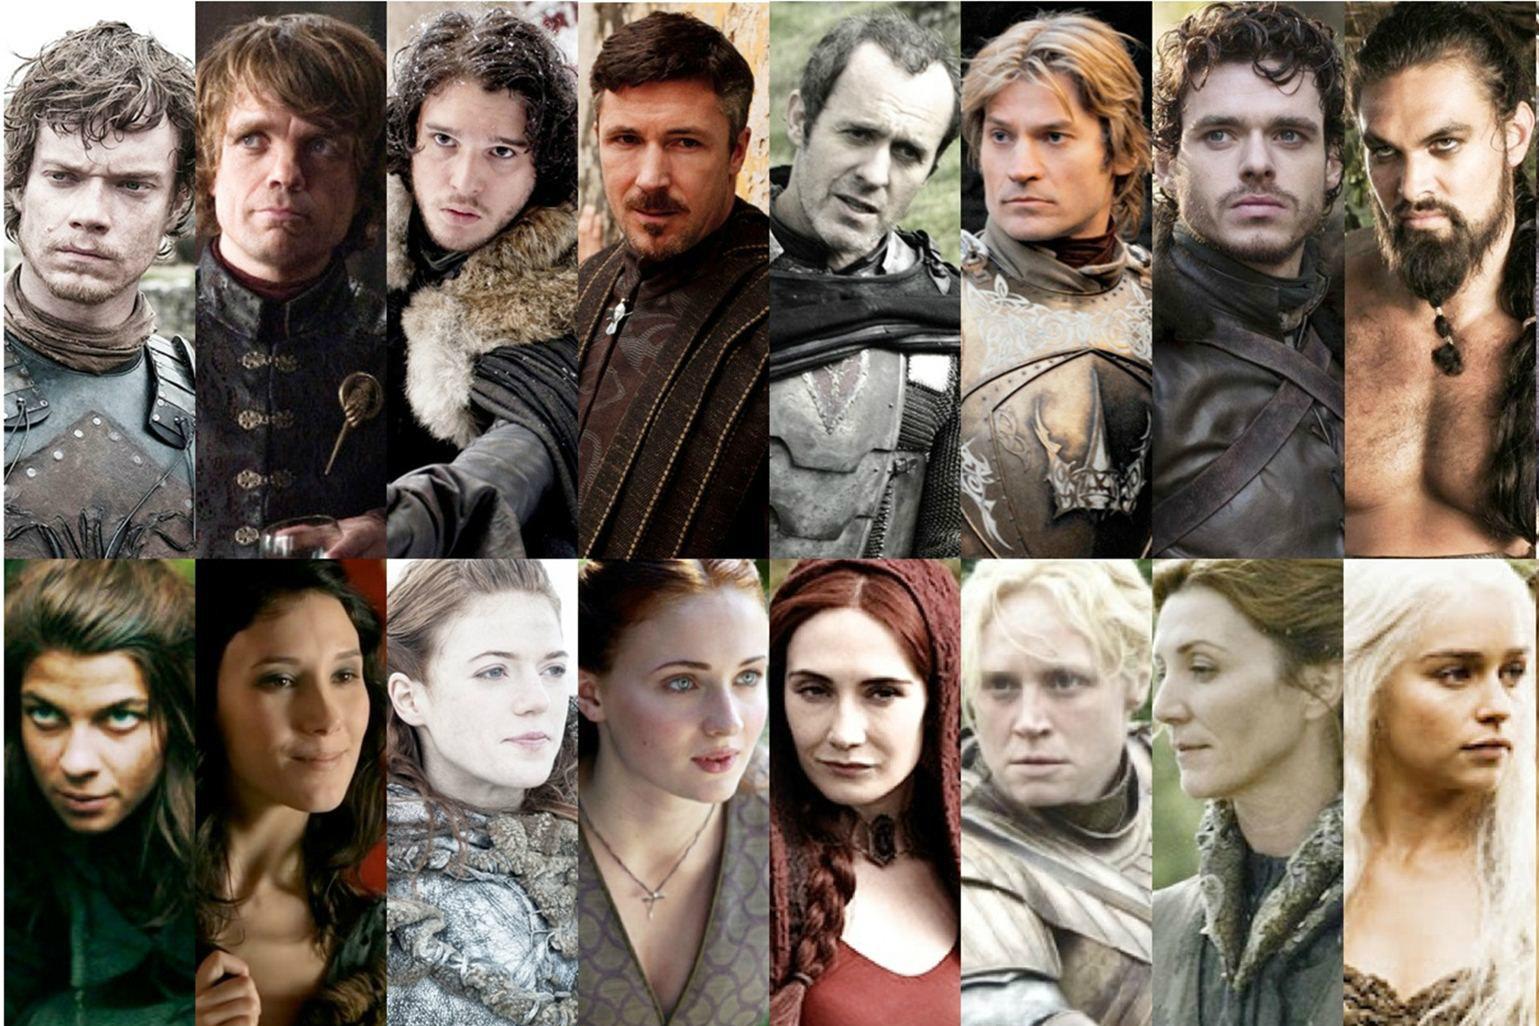 Clásico y sencillo peinados juego de tronos Colección de ideas de color de pelo - ¿Puedes identificar estos personajes de Juego de Tronos ...